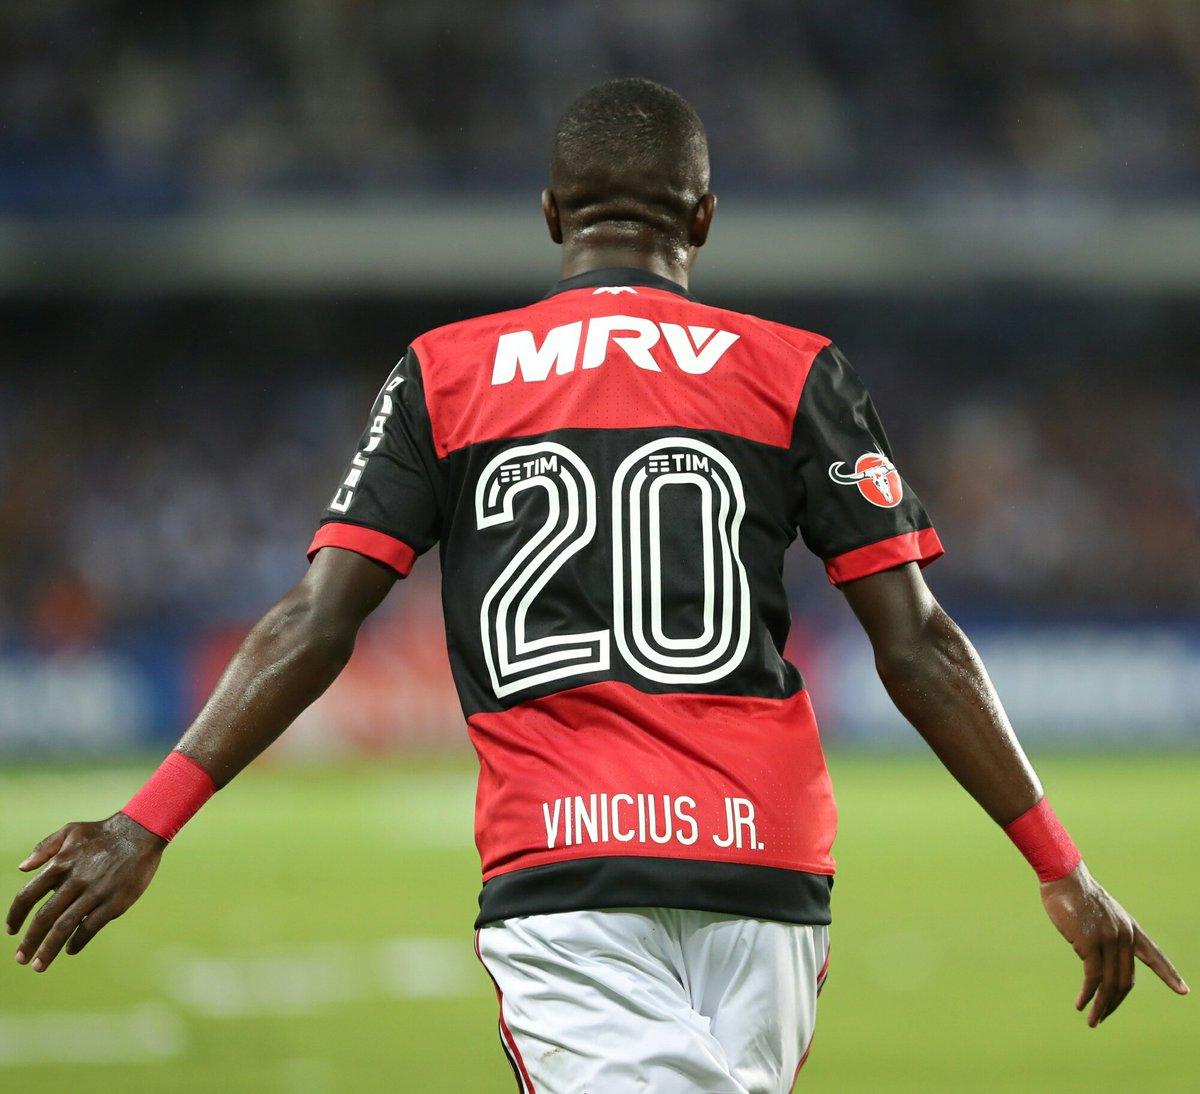 Depois da partida: Flamengo 2x0 Bahia